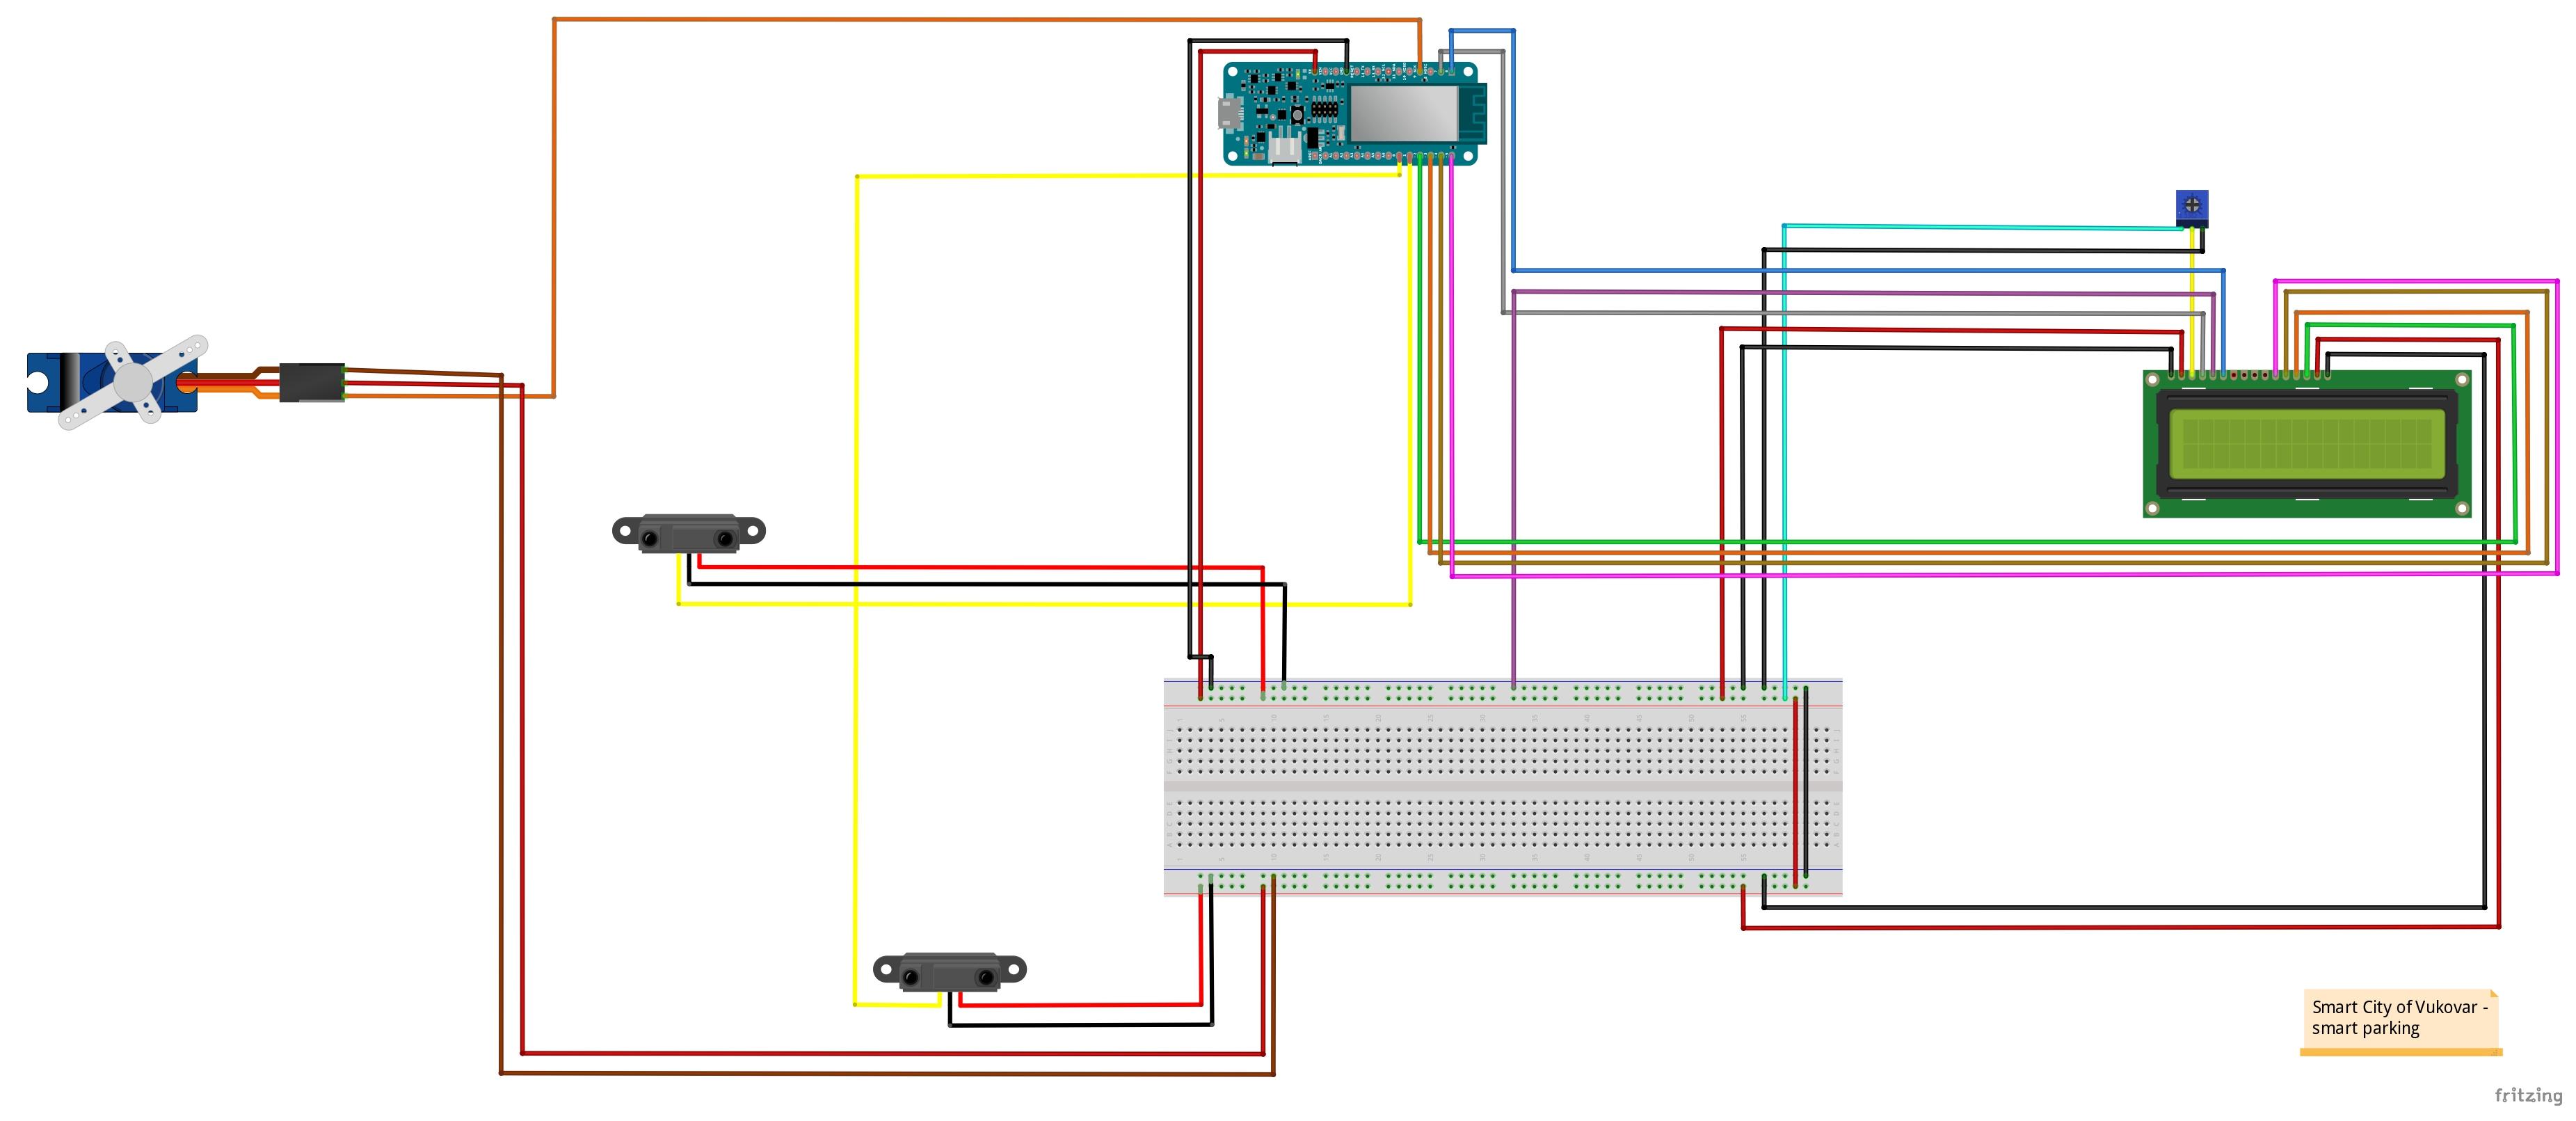 Smart parking schematic page 0001 (1) cnfkjldh8w